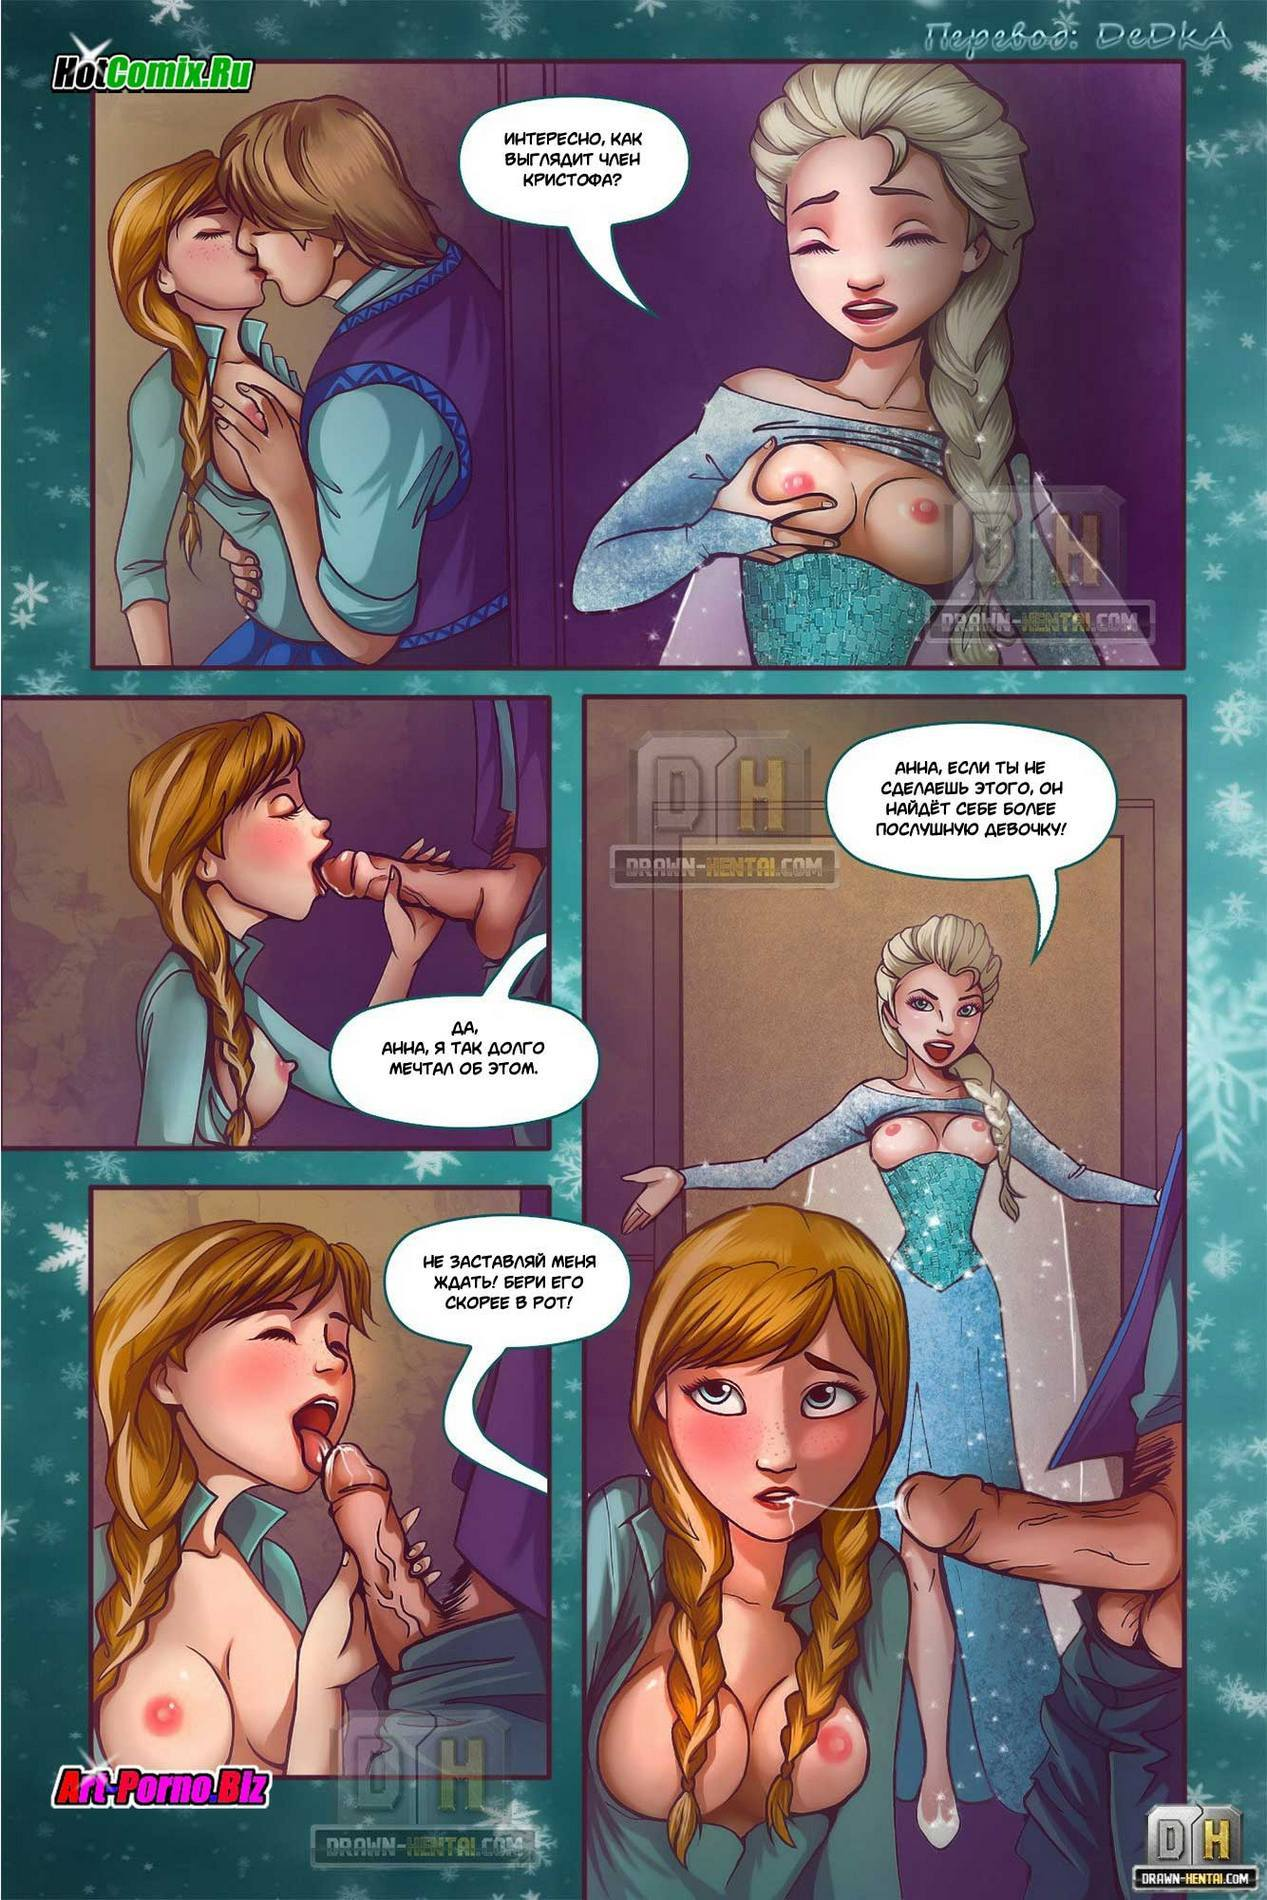 Порно комиксы холодное сердце. Замороженное сердце. Без цензуры, Большие сиськи, Герои из мультиков, Лесбиянки, Минет